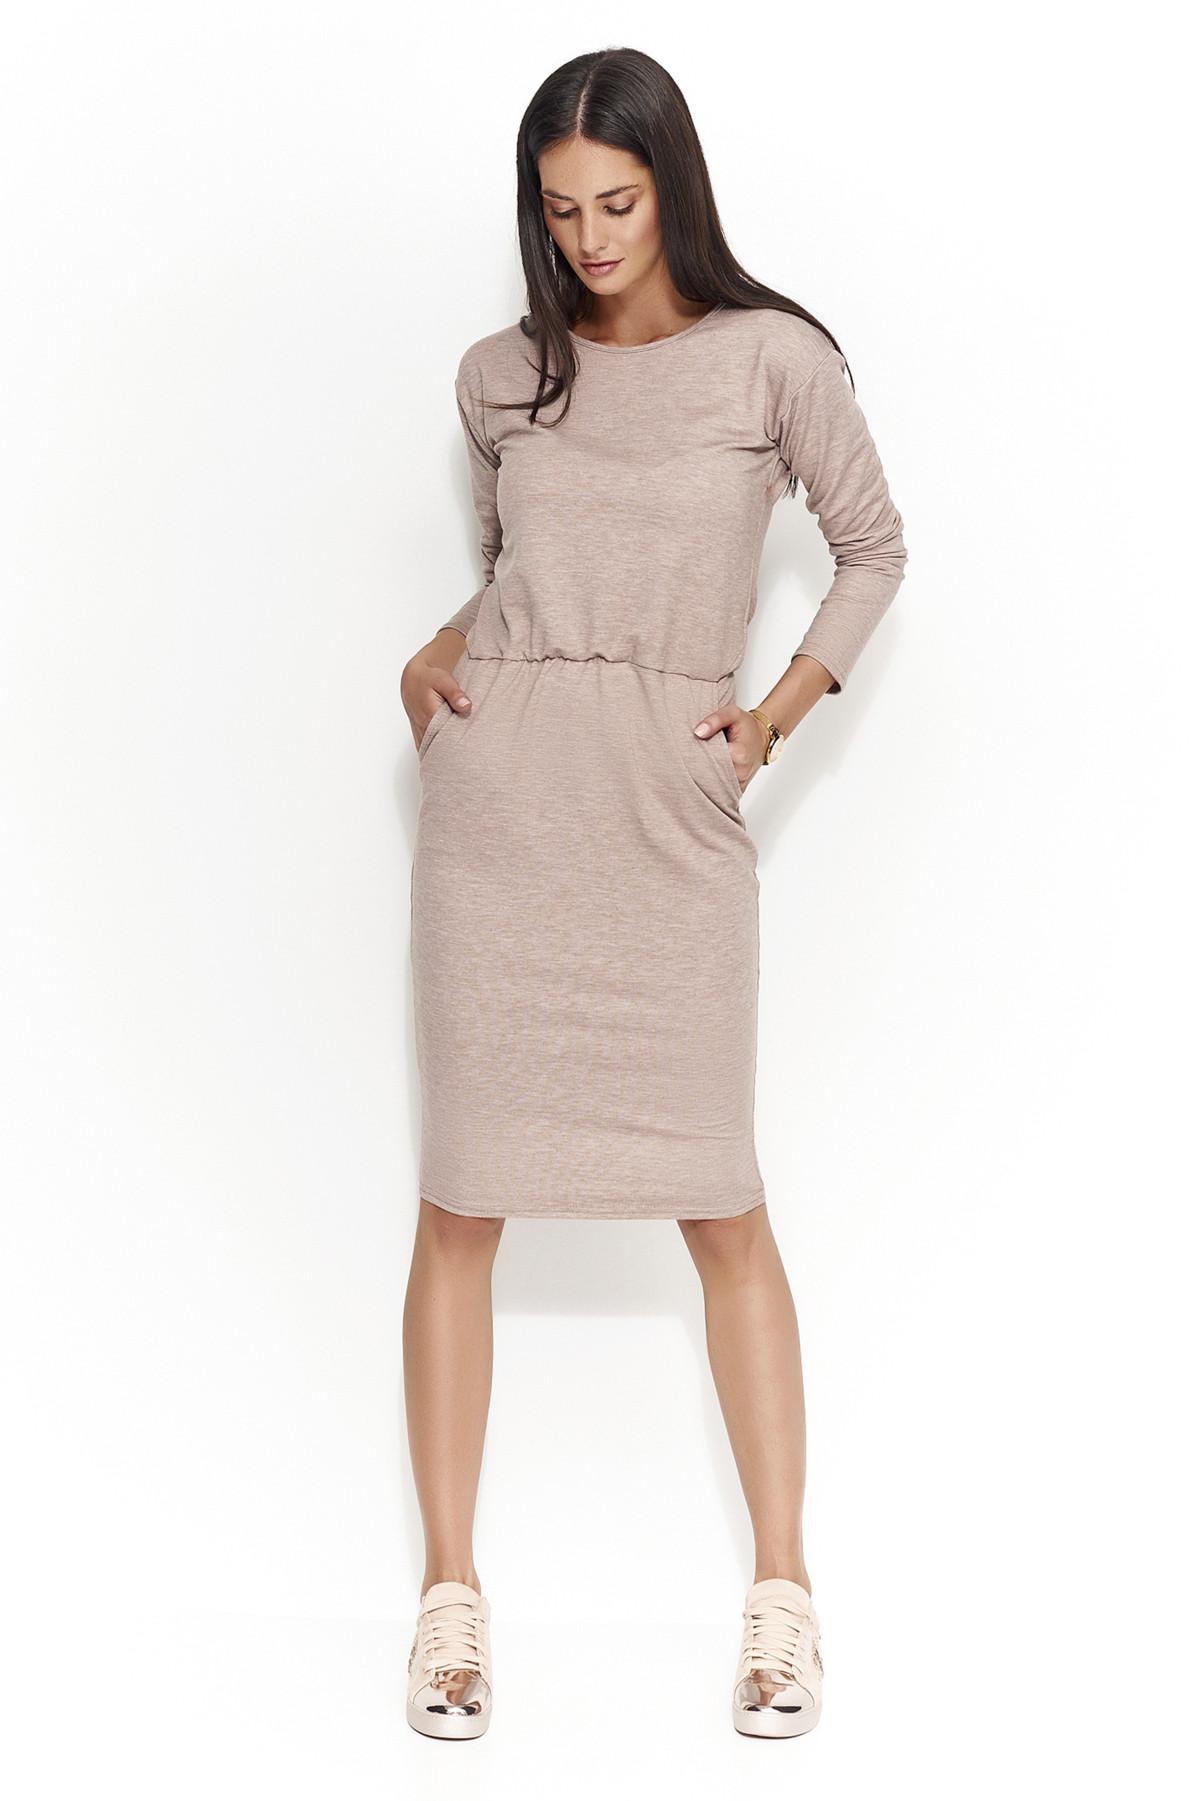 Dámské šaty s volným střihem středně dlouhé cappucino hnědá 42